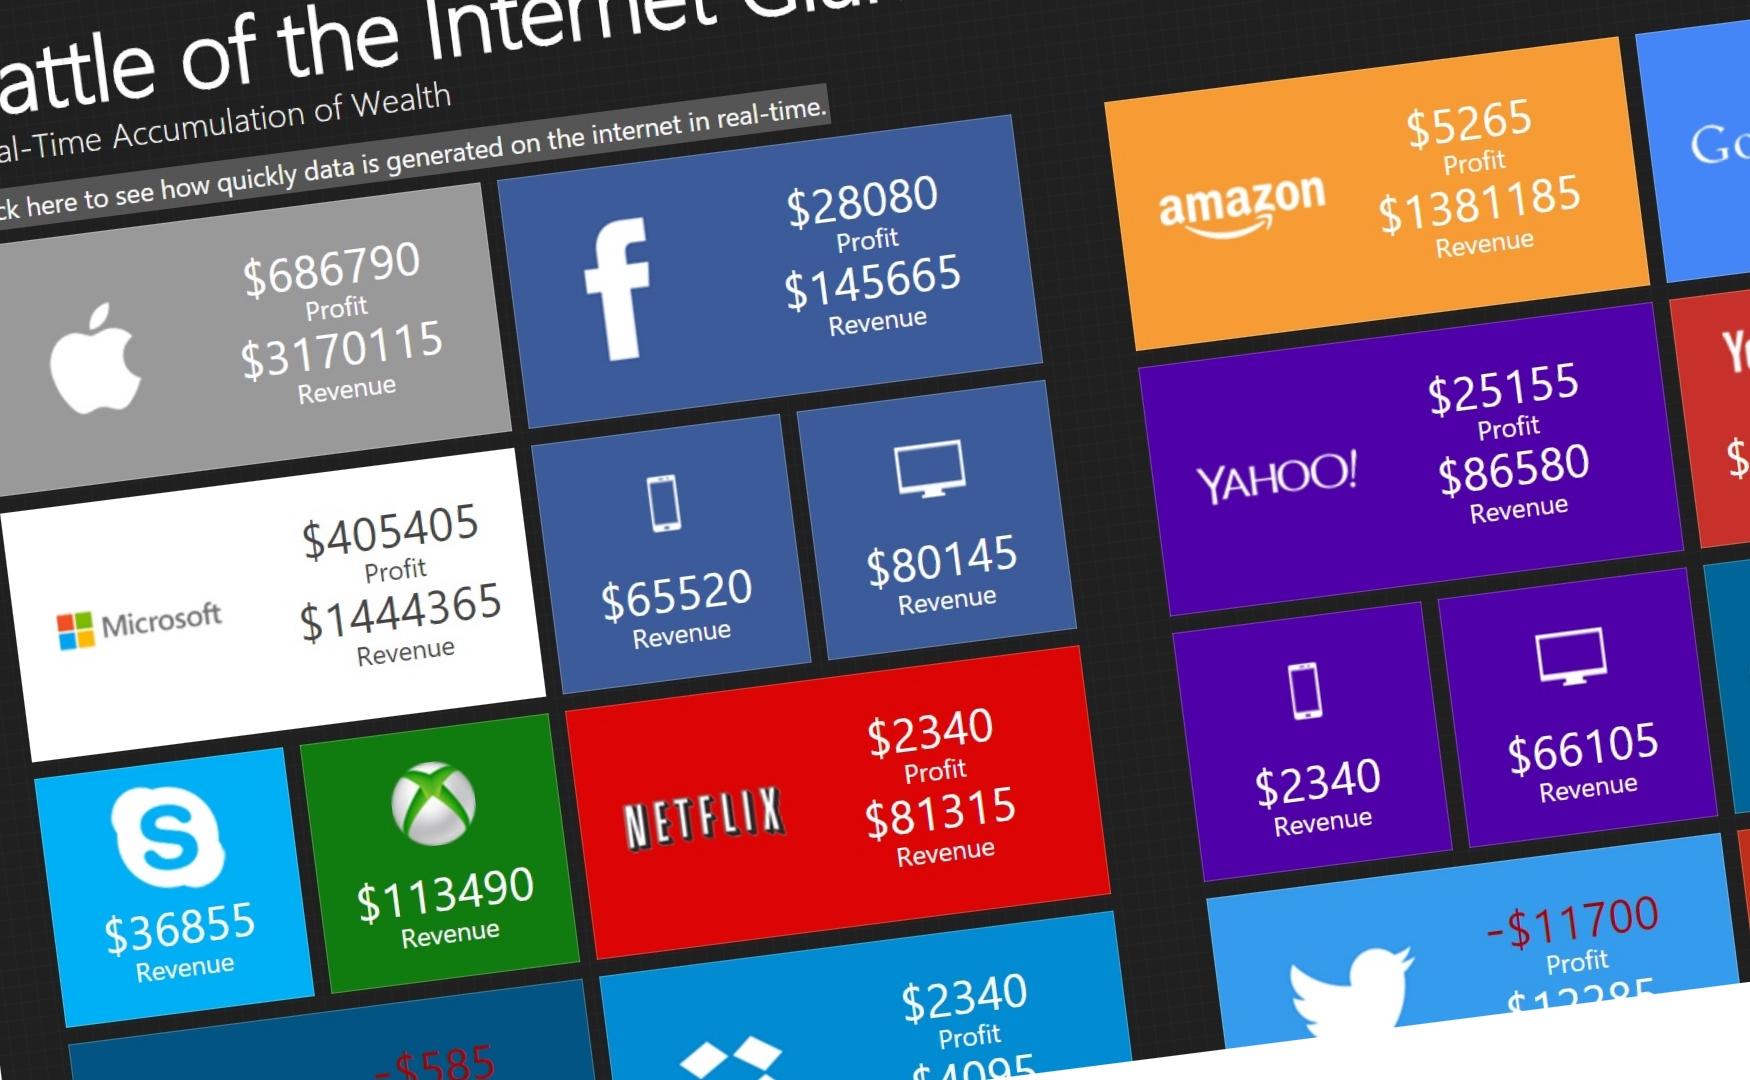 Vi garanterer ikke at du blir rik, men denne listen er viktig om du ønsker å prøve å tjene penger på appen din.